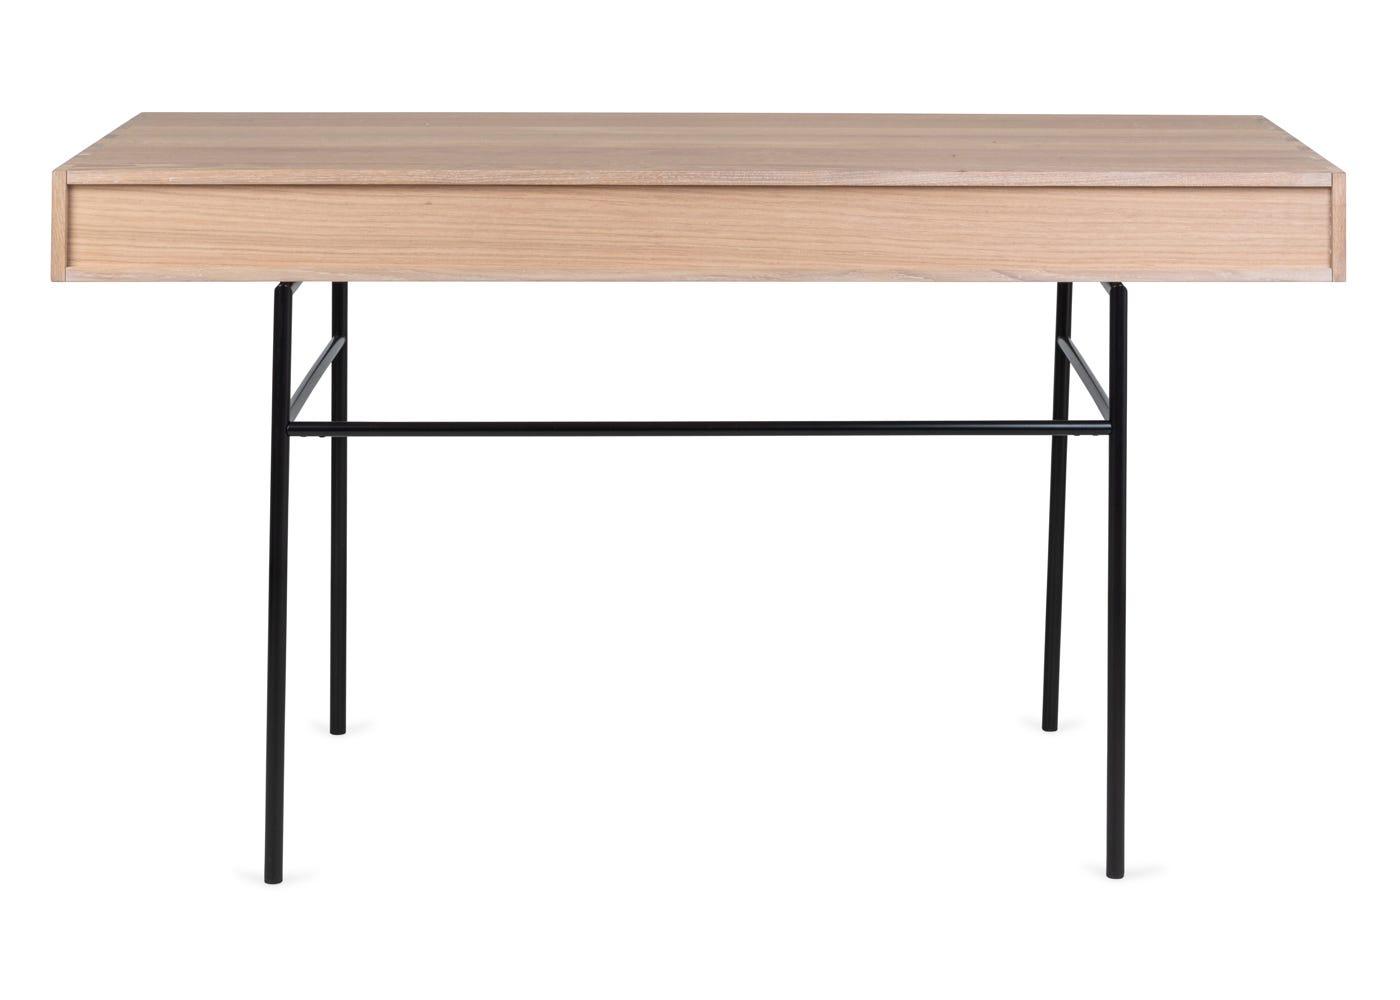 Marano desk - Rear profile.